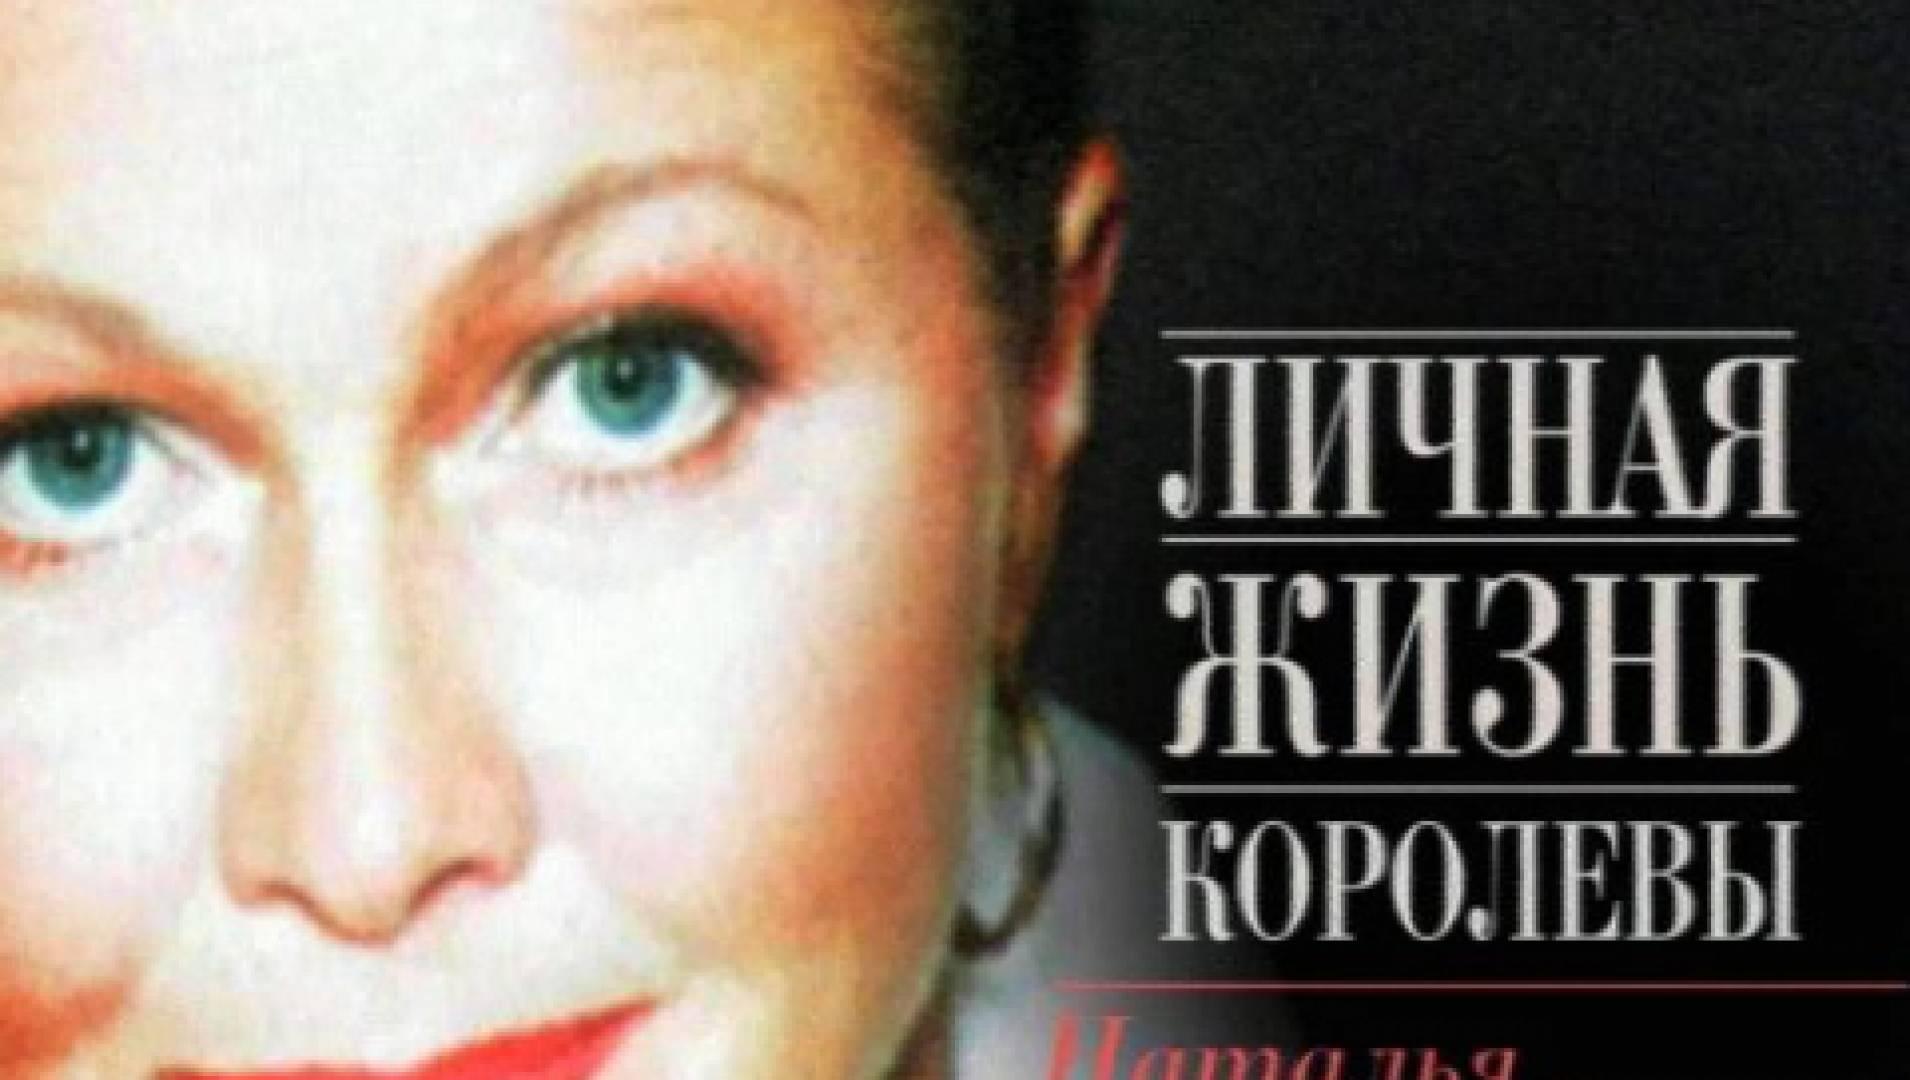 Наталья Гундарева. Личная жизнь королевы - Документальный фильм